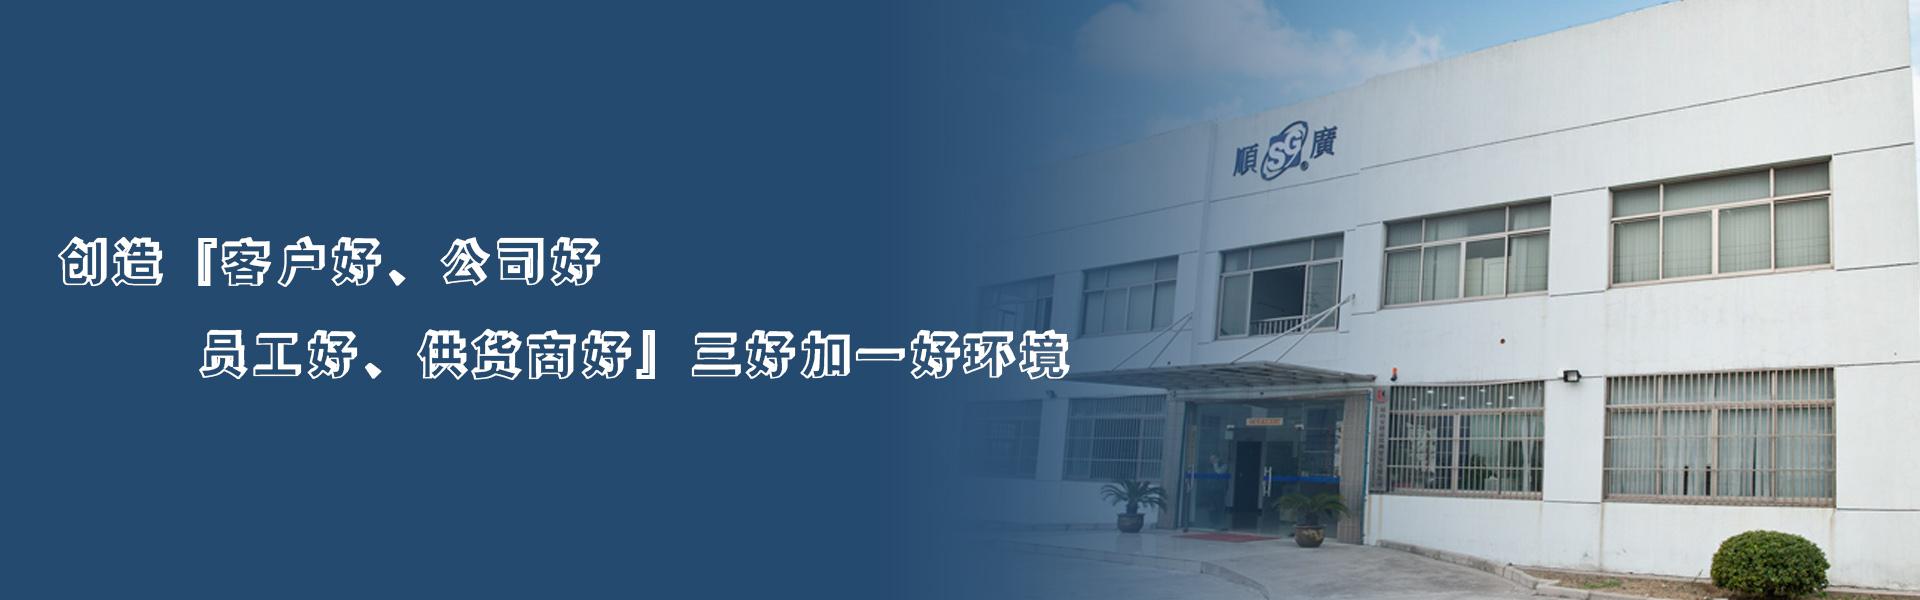 苏州顺广精密设备有限公司